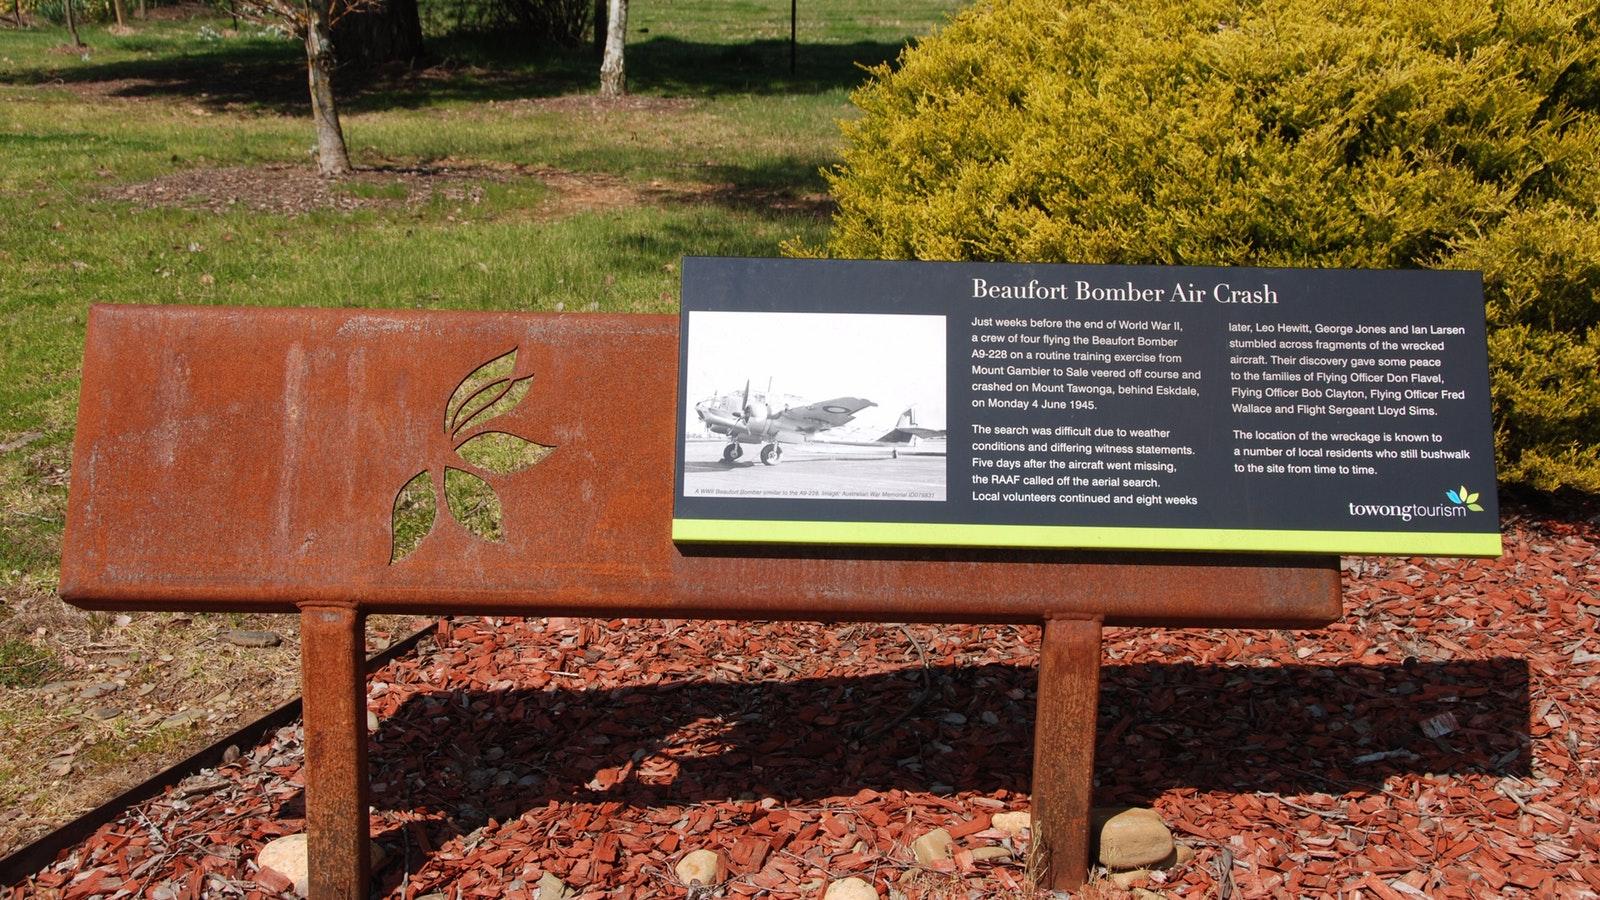 Eskdale roadside rest area - Beaufort Bomber Air Crash